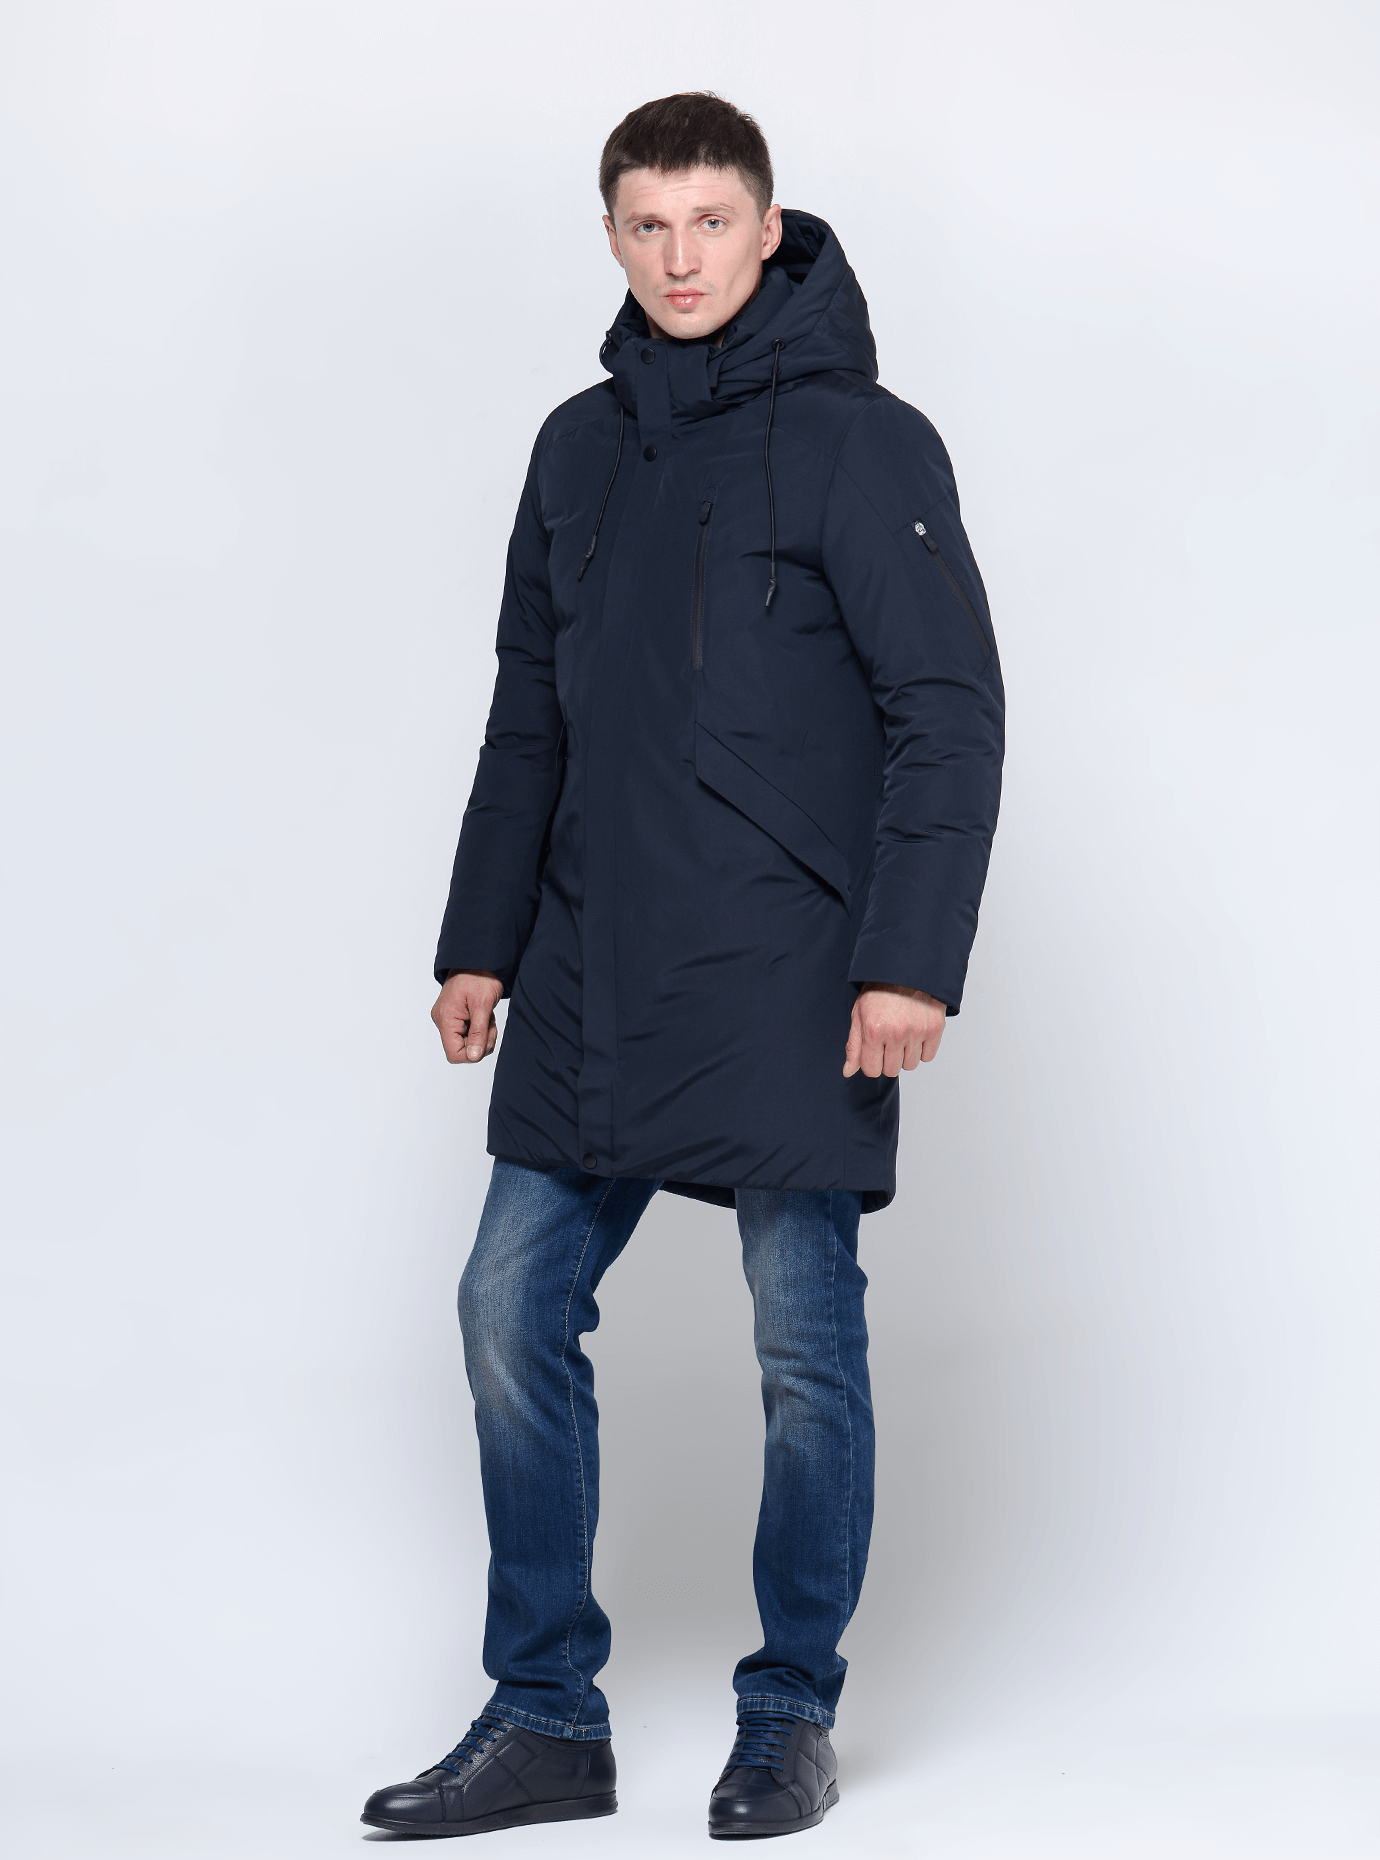 Зимняя мужская куртка Чёрный 46 (02-MC19234): фото - Alster.ua